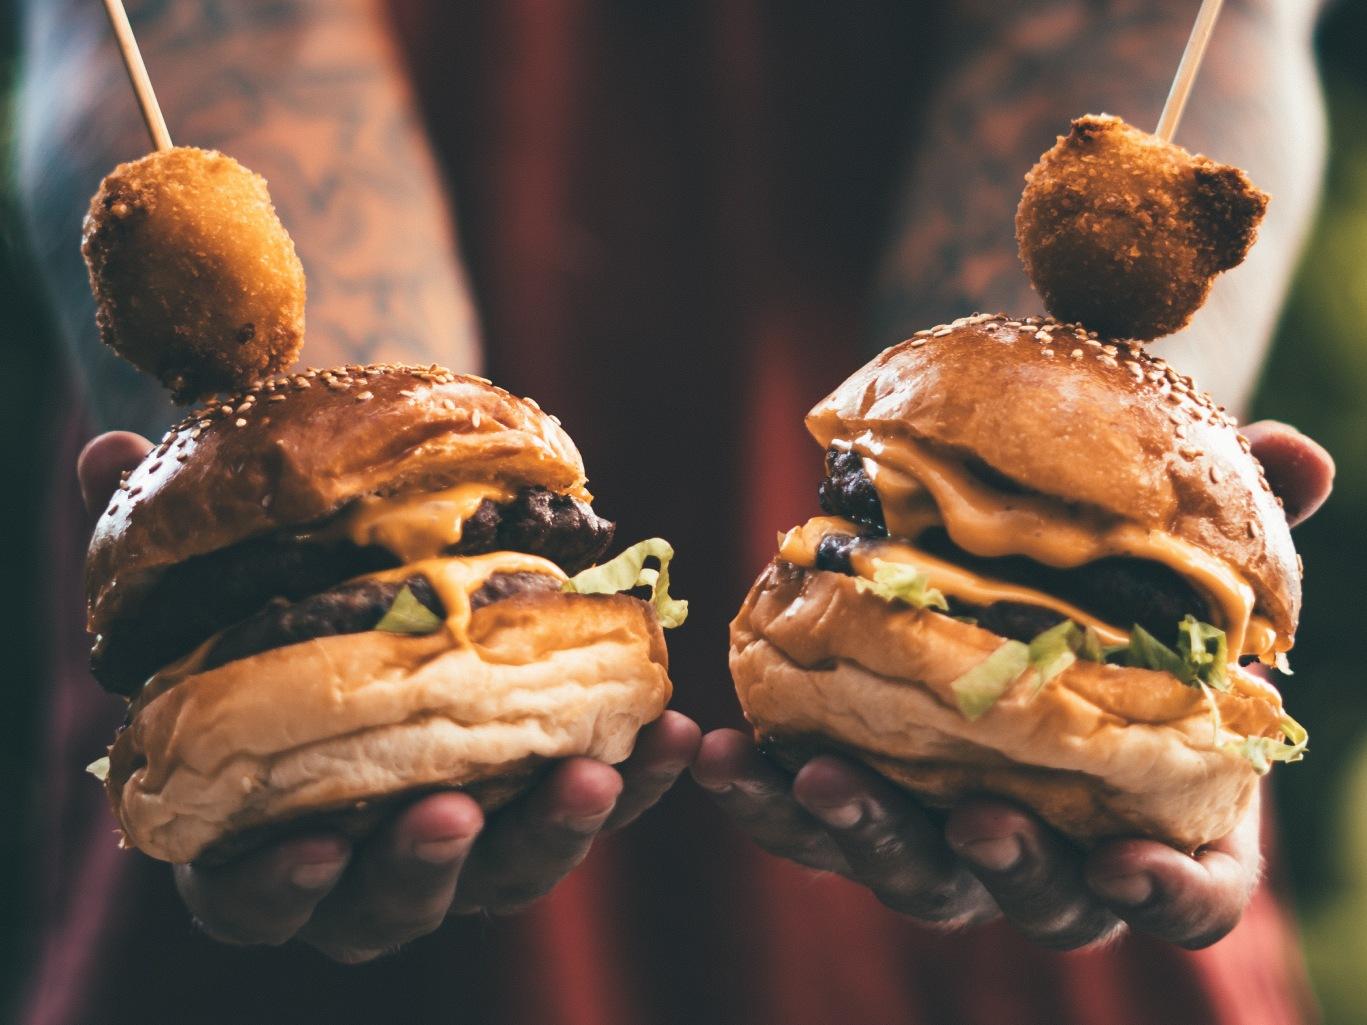 Топ-7 лучших бургеров в мире и их рецепты